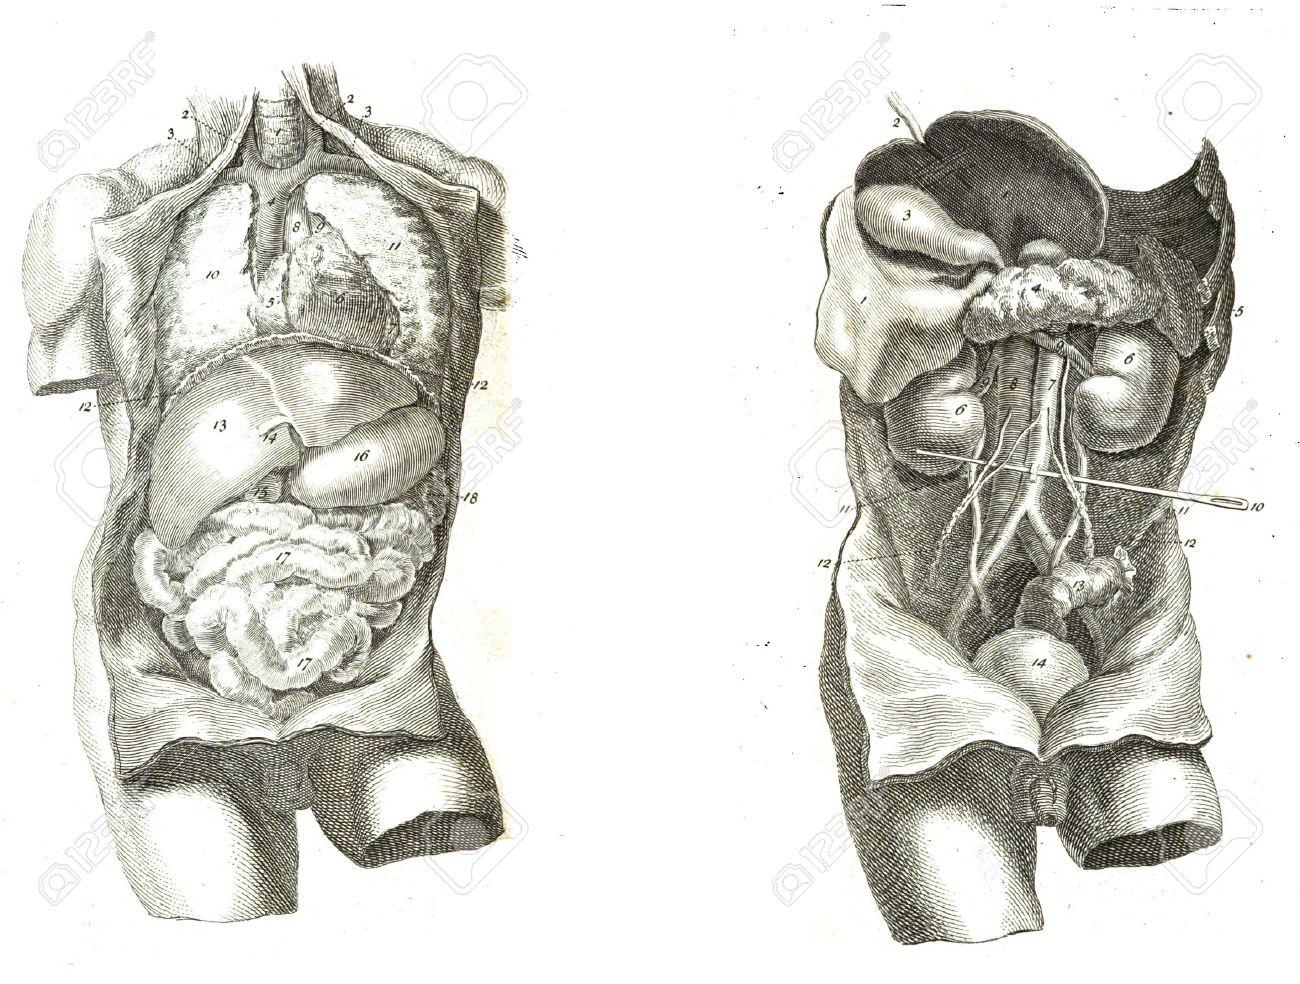 2 Vistas Del Torso Humano, Los Músculos Y Los órganos Internos De La ...